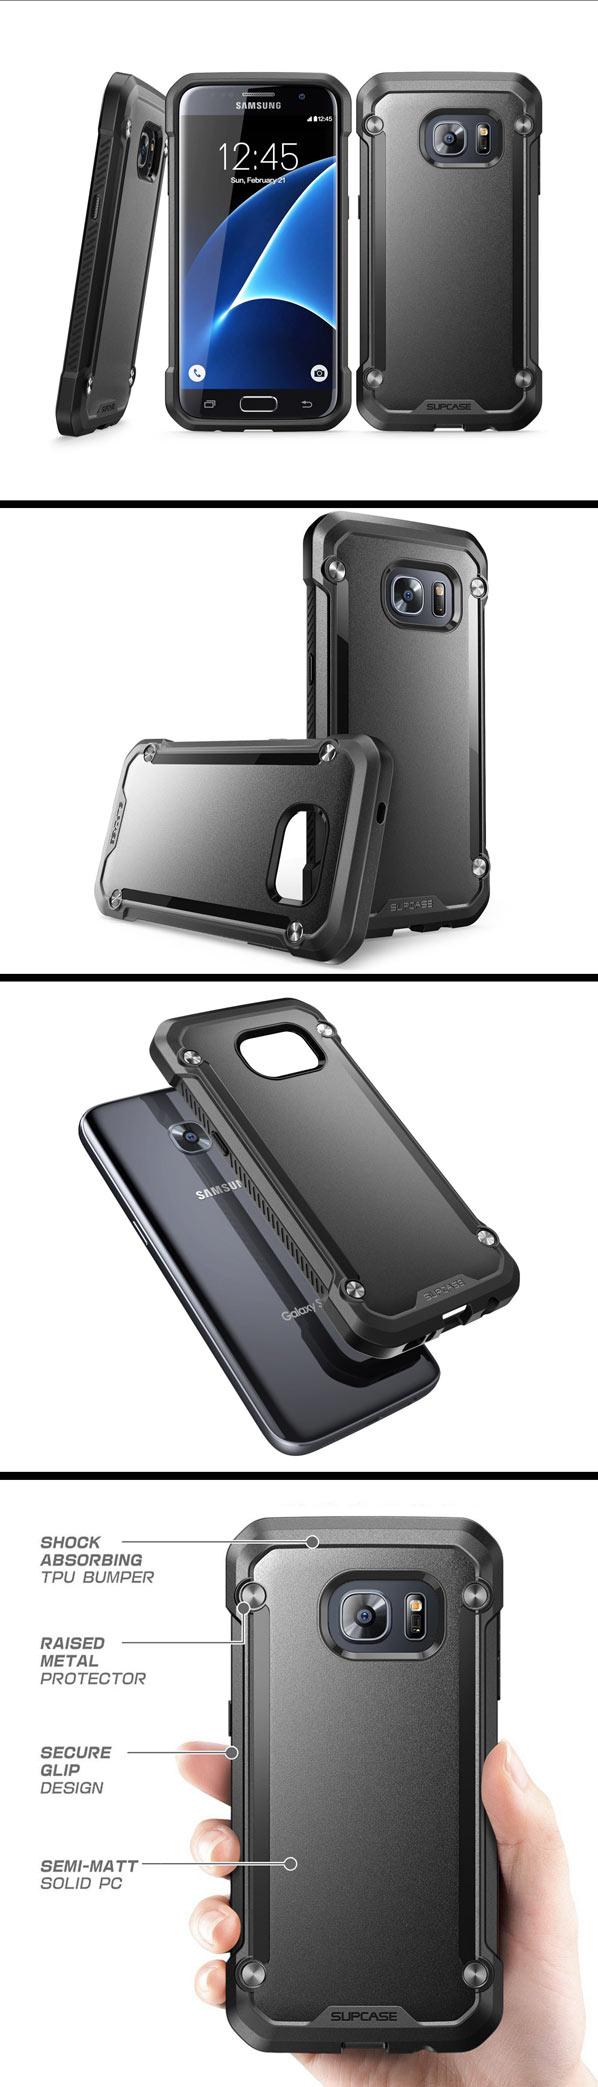 Harga Samsung S7 Edge Retak Galaxy Kota Kinabalu Sm G935fd Garansi Resmi Sein Serius Cool Supcase Unicorn Beetle